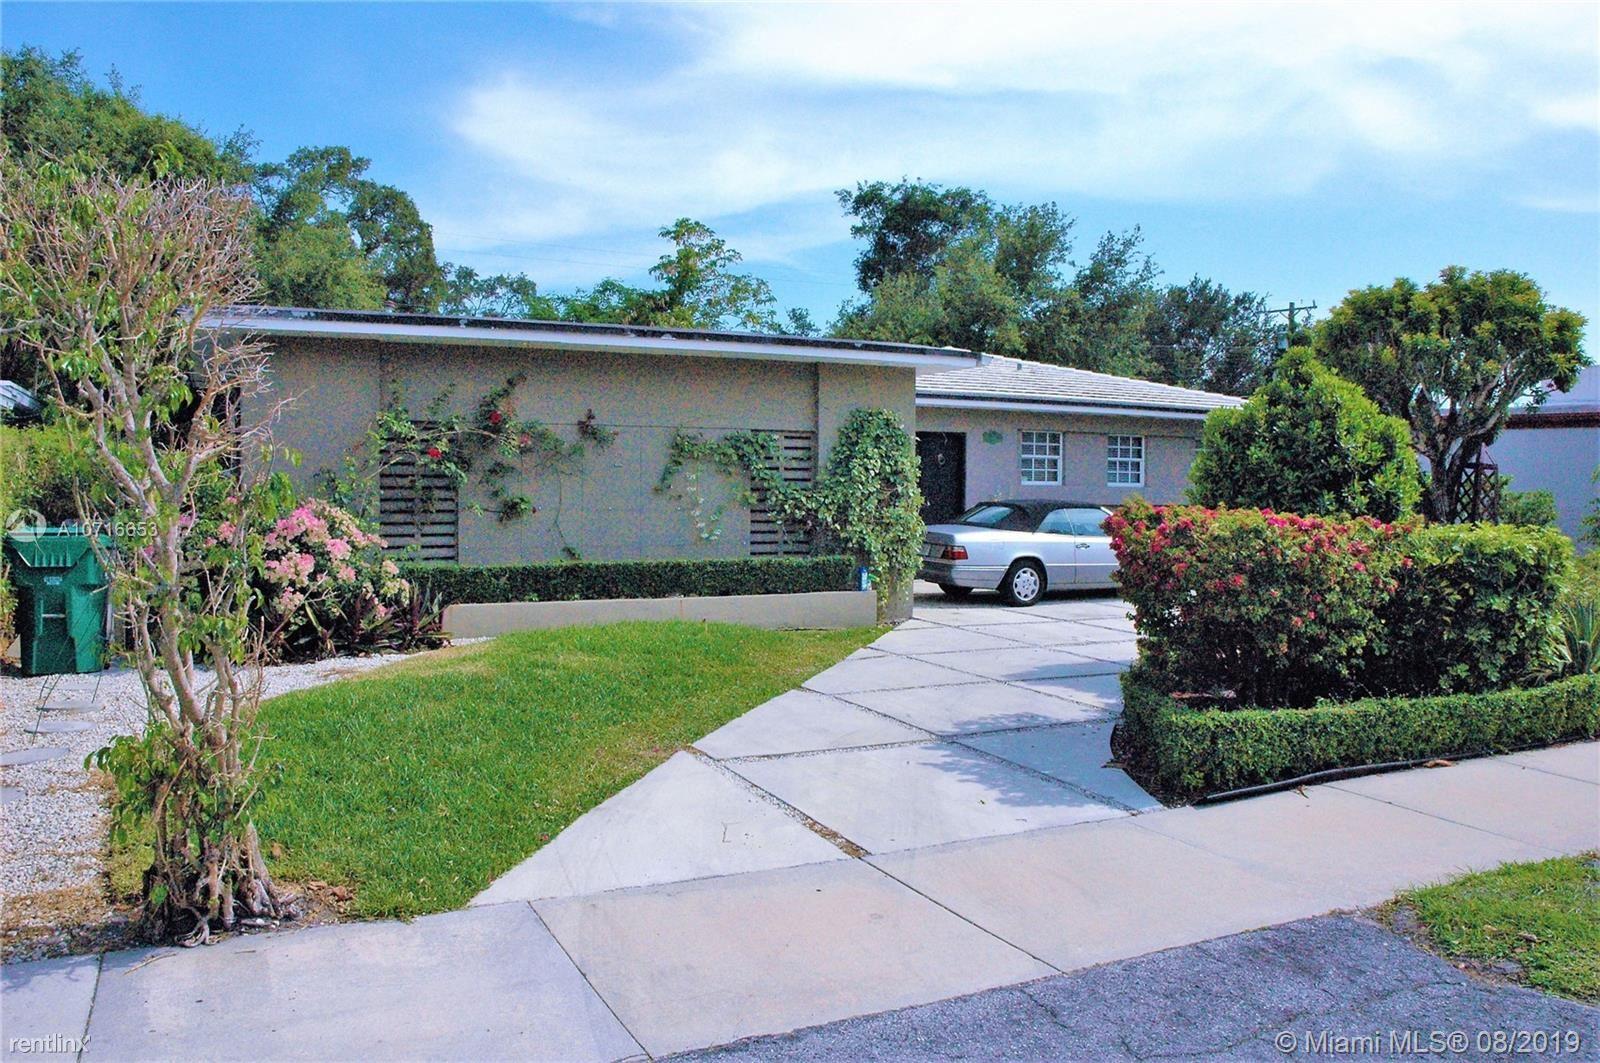 52 Shore Dr W, Coconut Grove, FL - $4,500